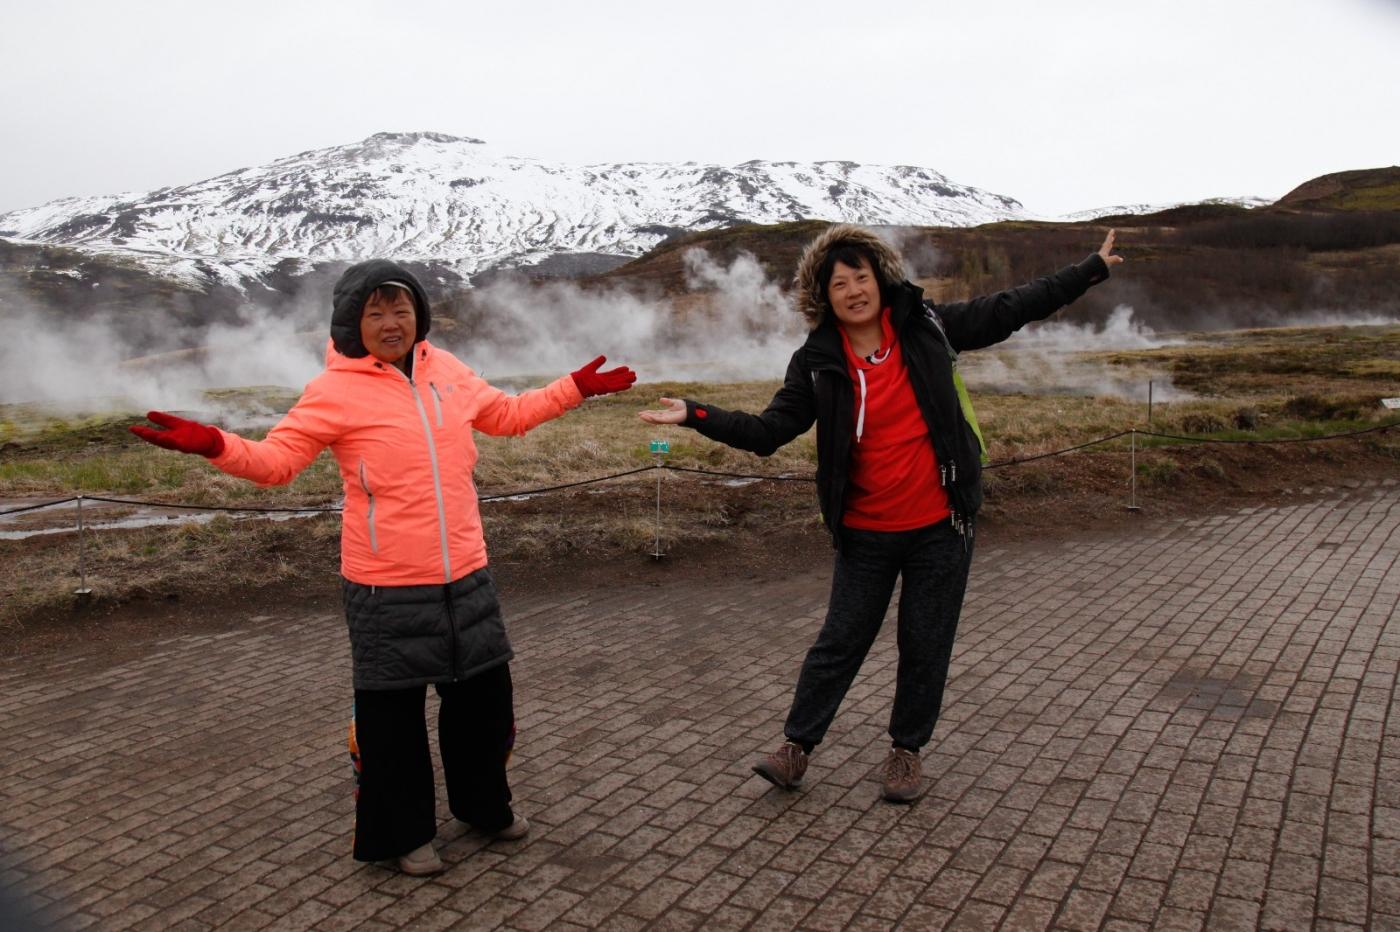 冰岛热带温泉美景,游客流连忘返_图1-11